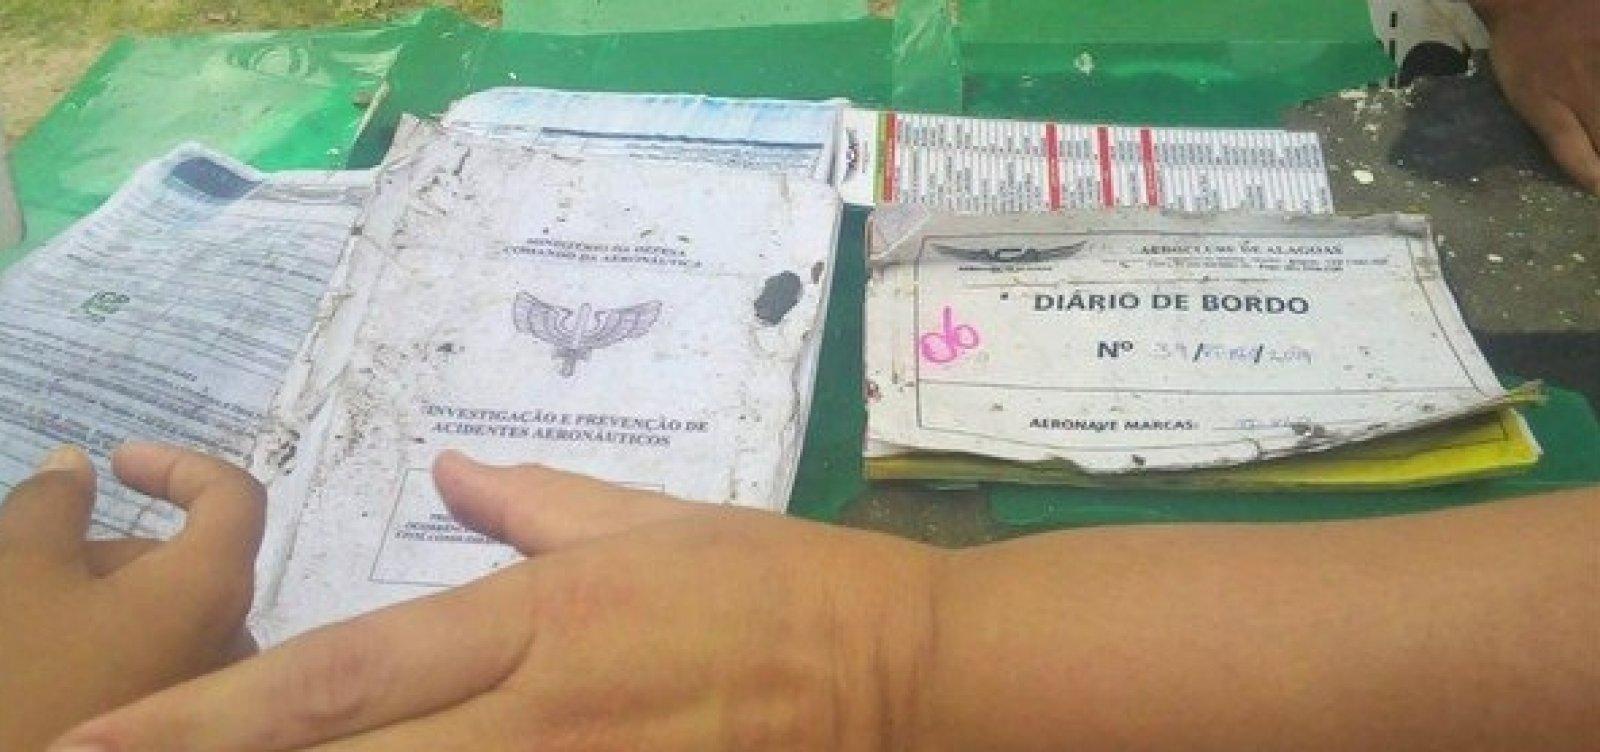 Aeronáutica irá investigar acidente que matou Gabriel Diniz